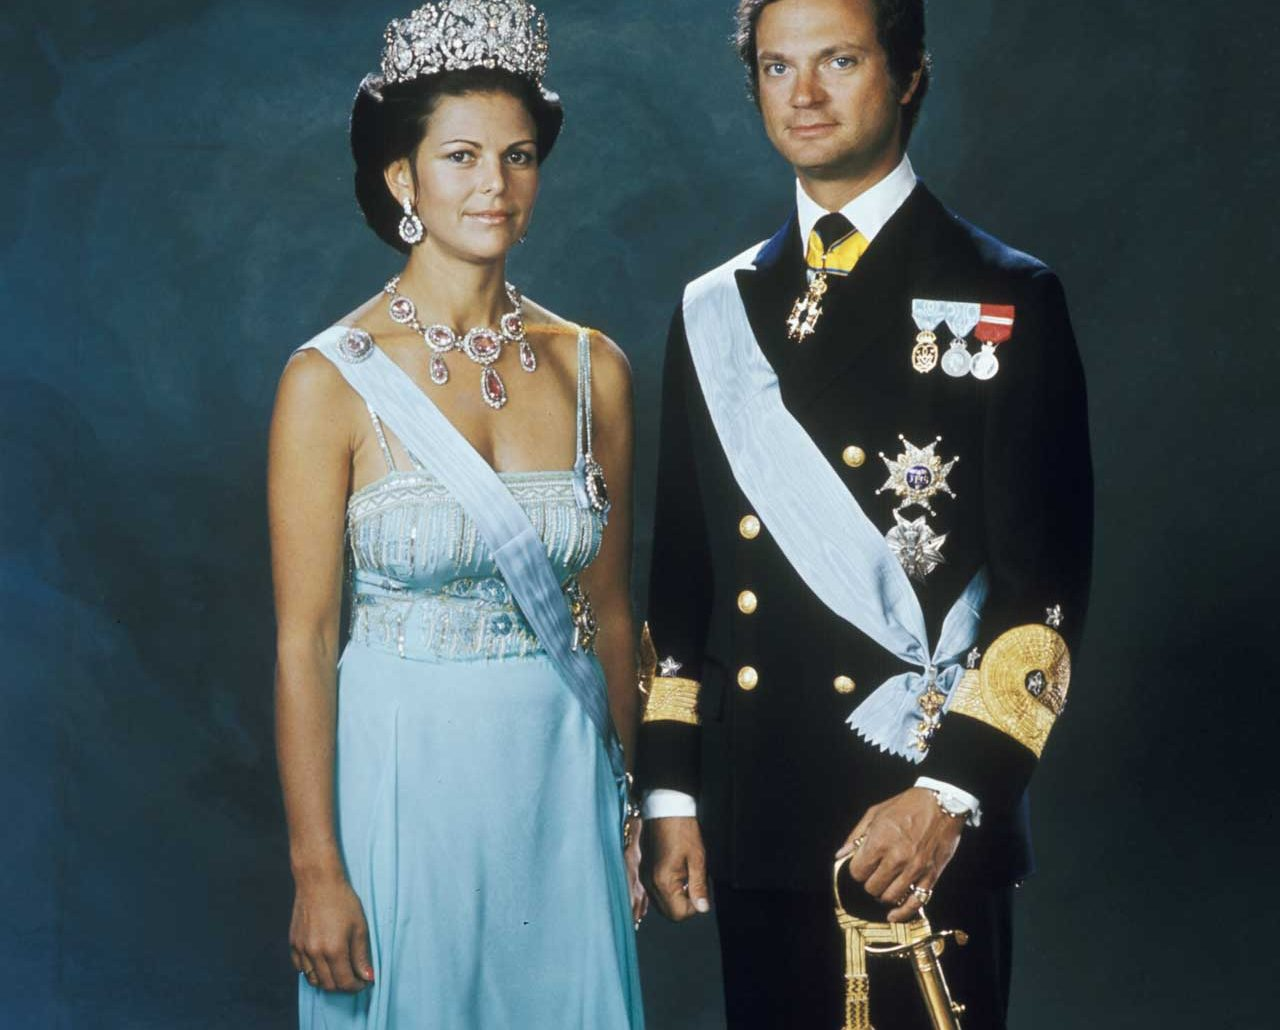 757c73dd98a0 Silvias tal till kungen på 50-årsdagen | Svensk Damtidning